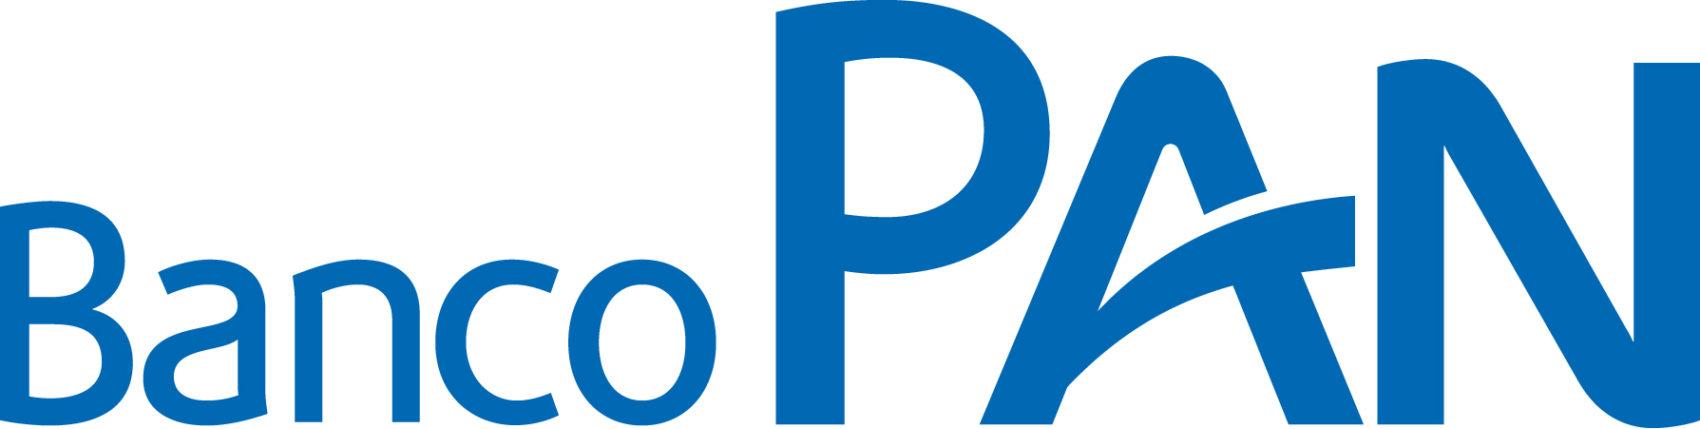 Banco PAN - controlado pelo BTG Pactual